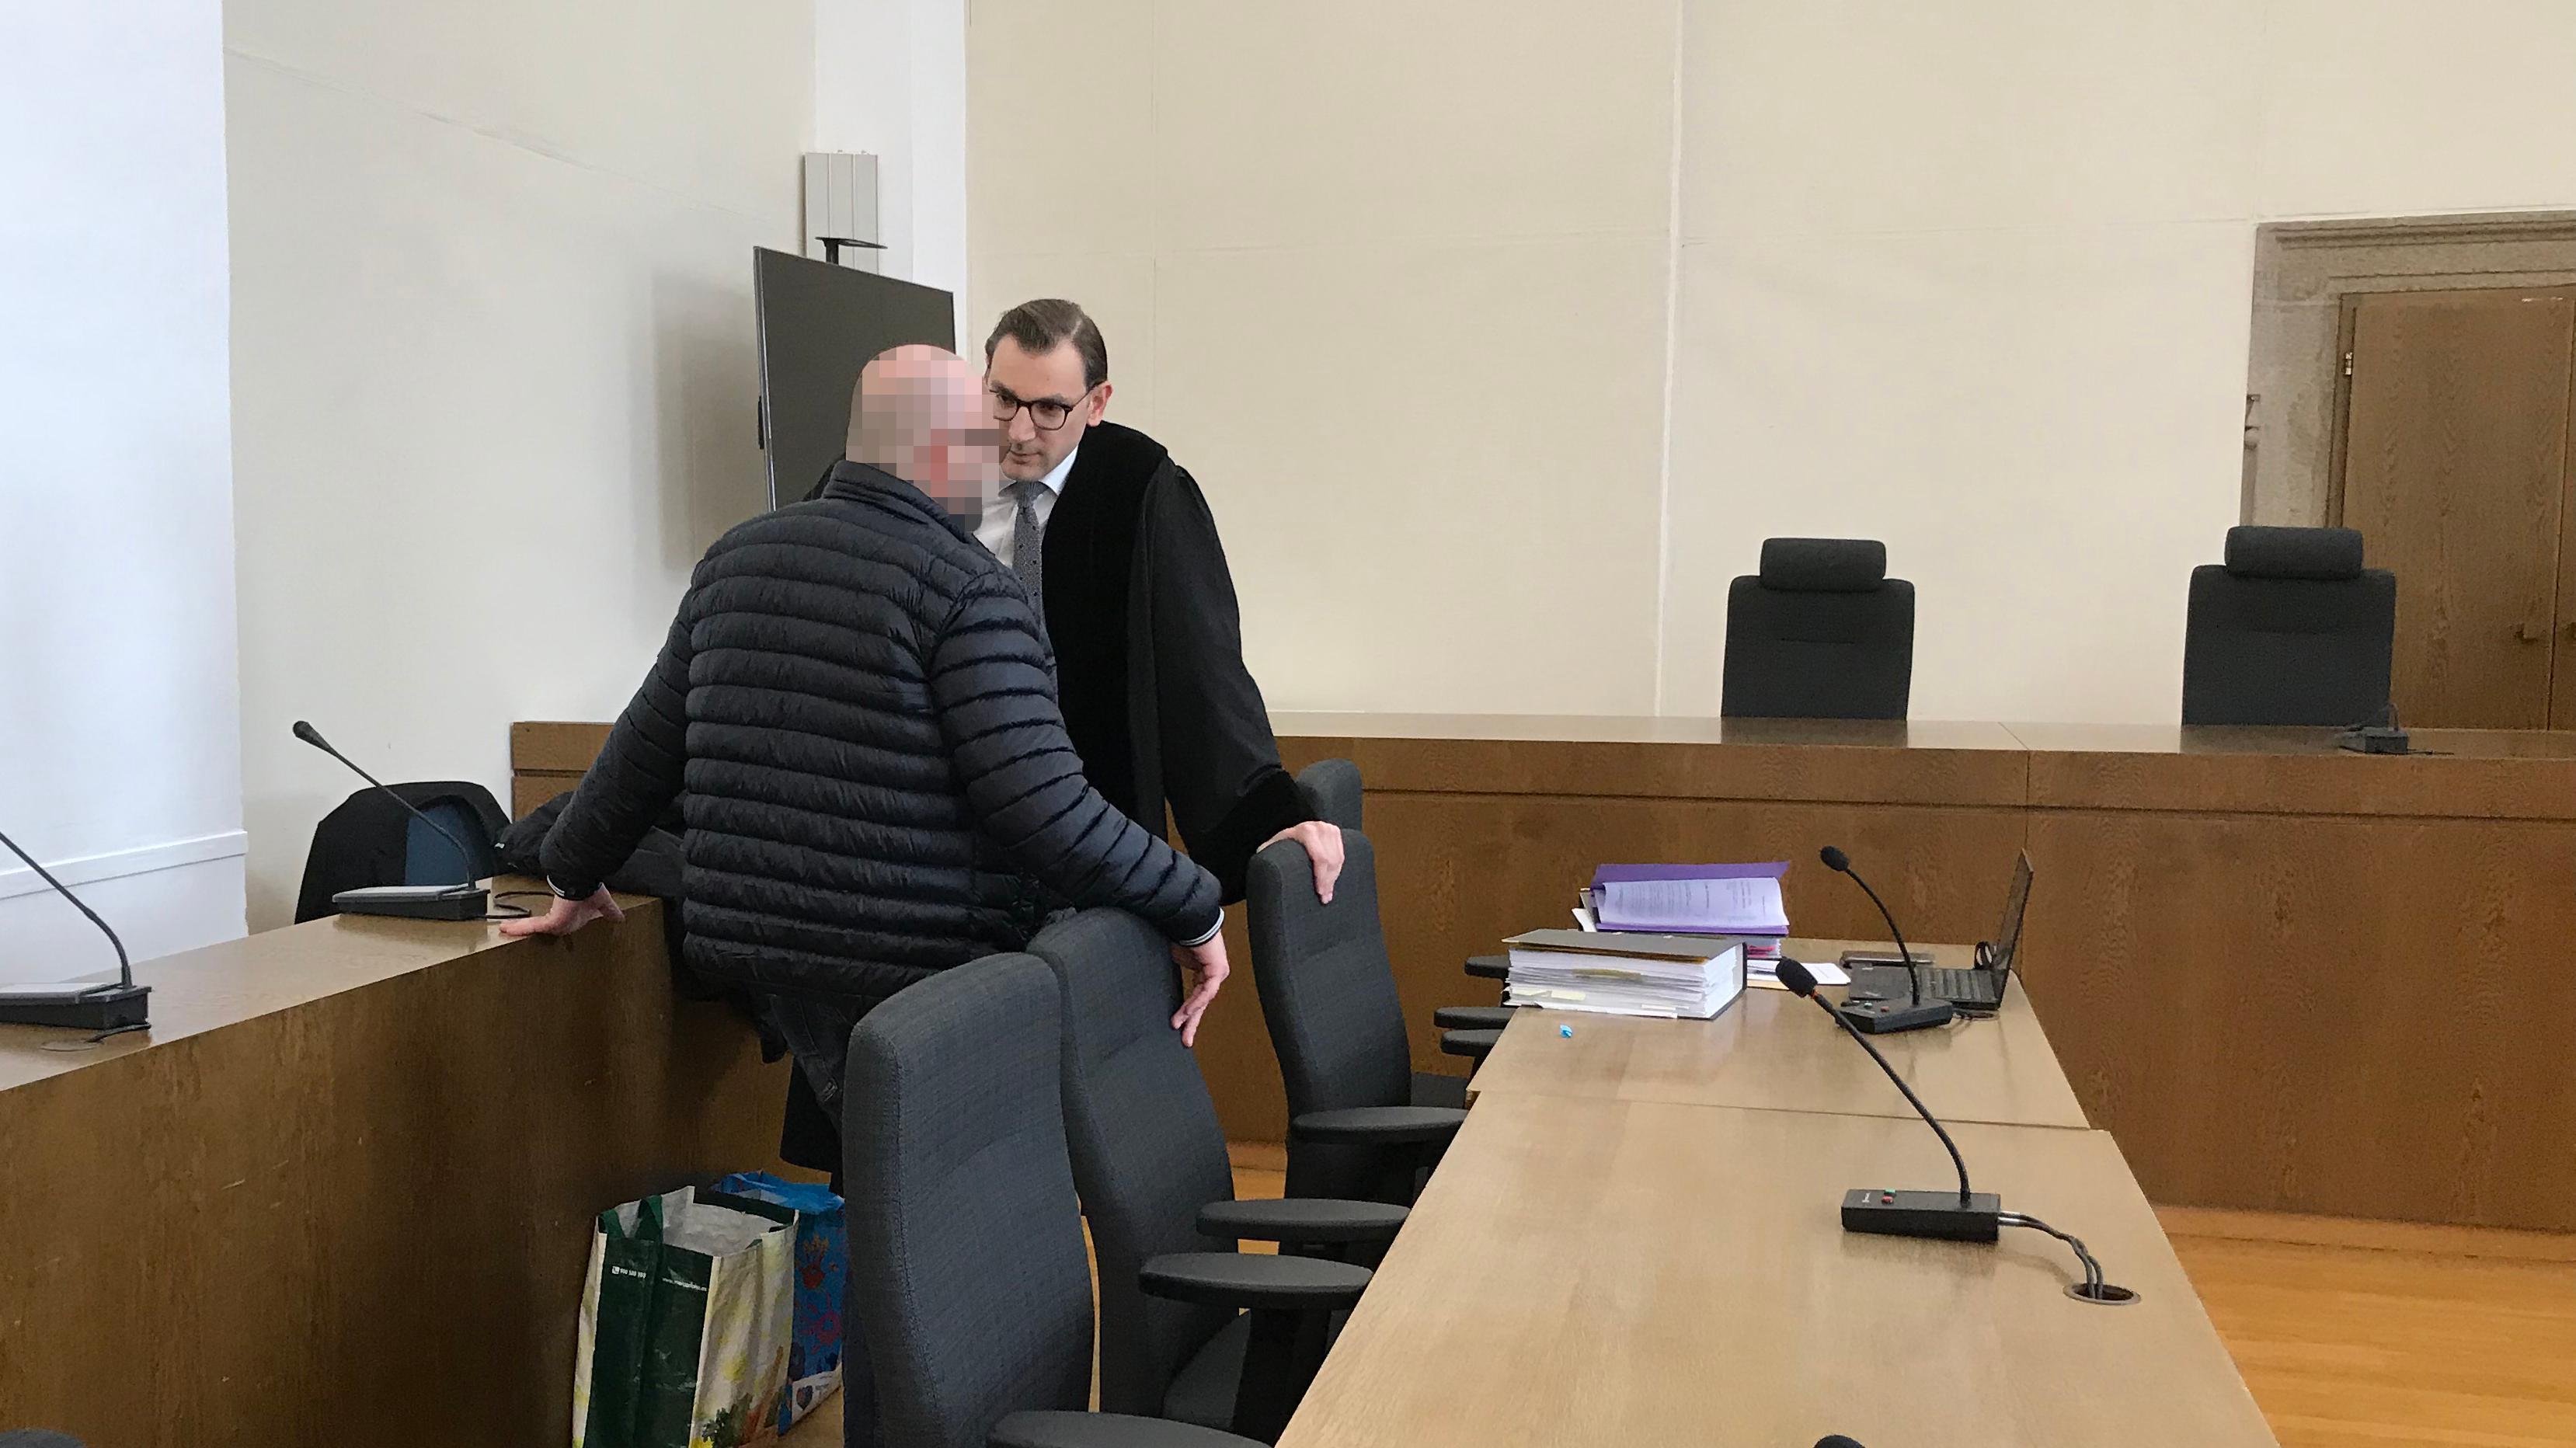 Der Angeklagte im Gespräch mit seinem Anwalt